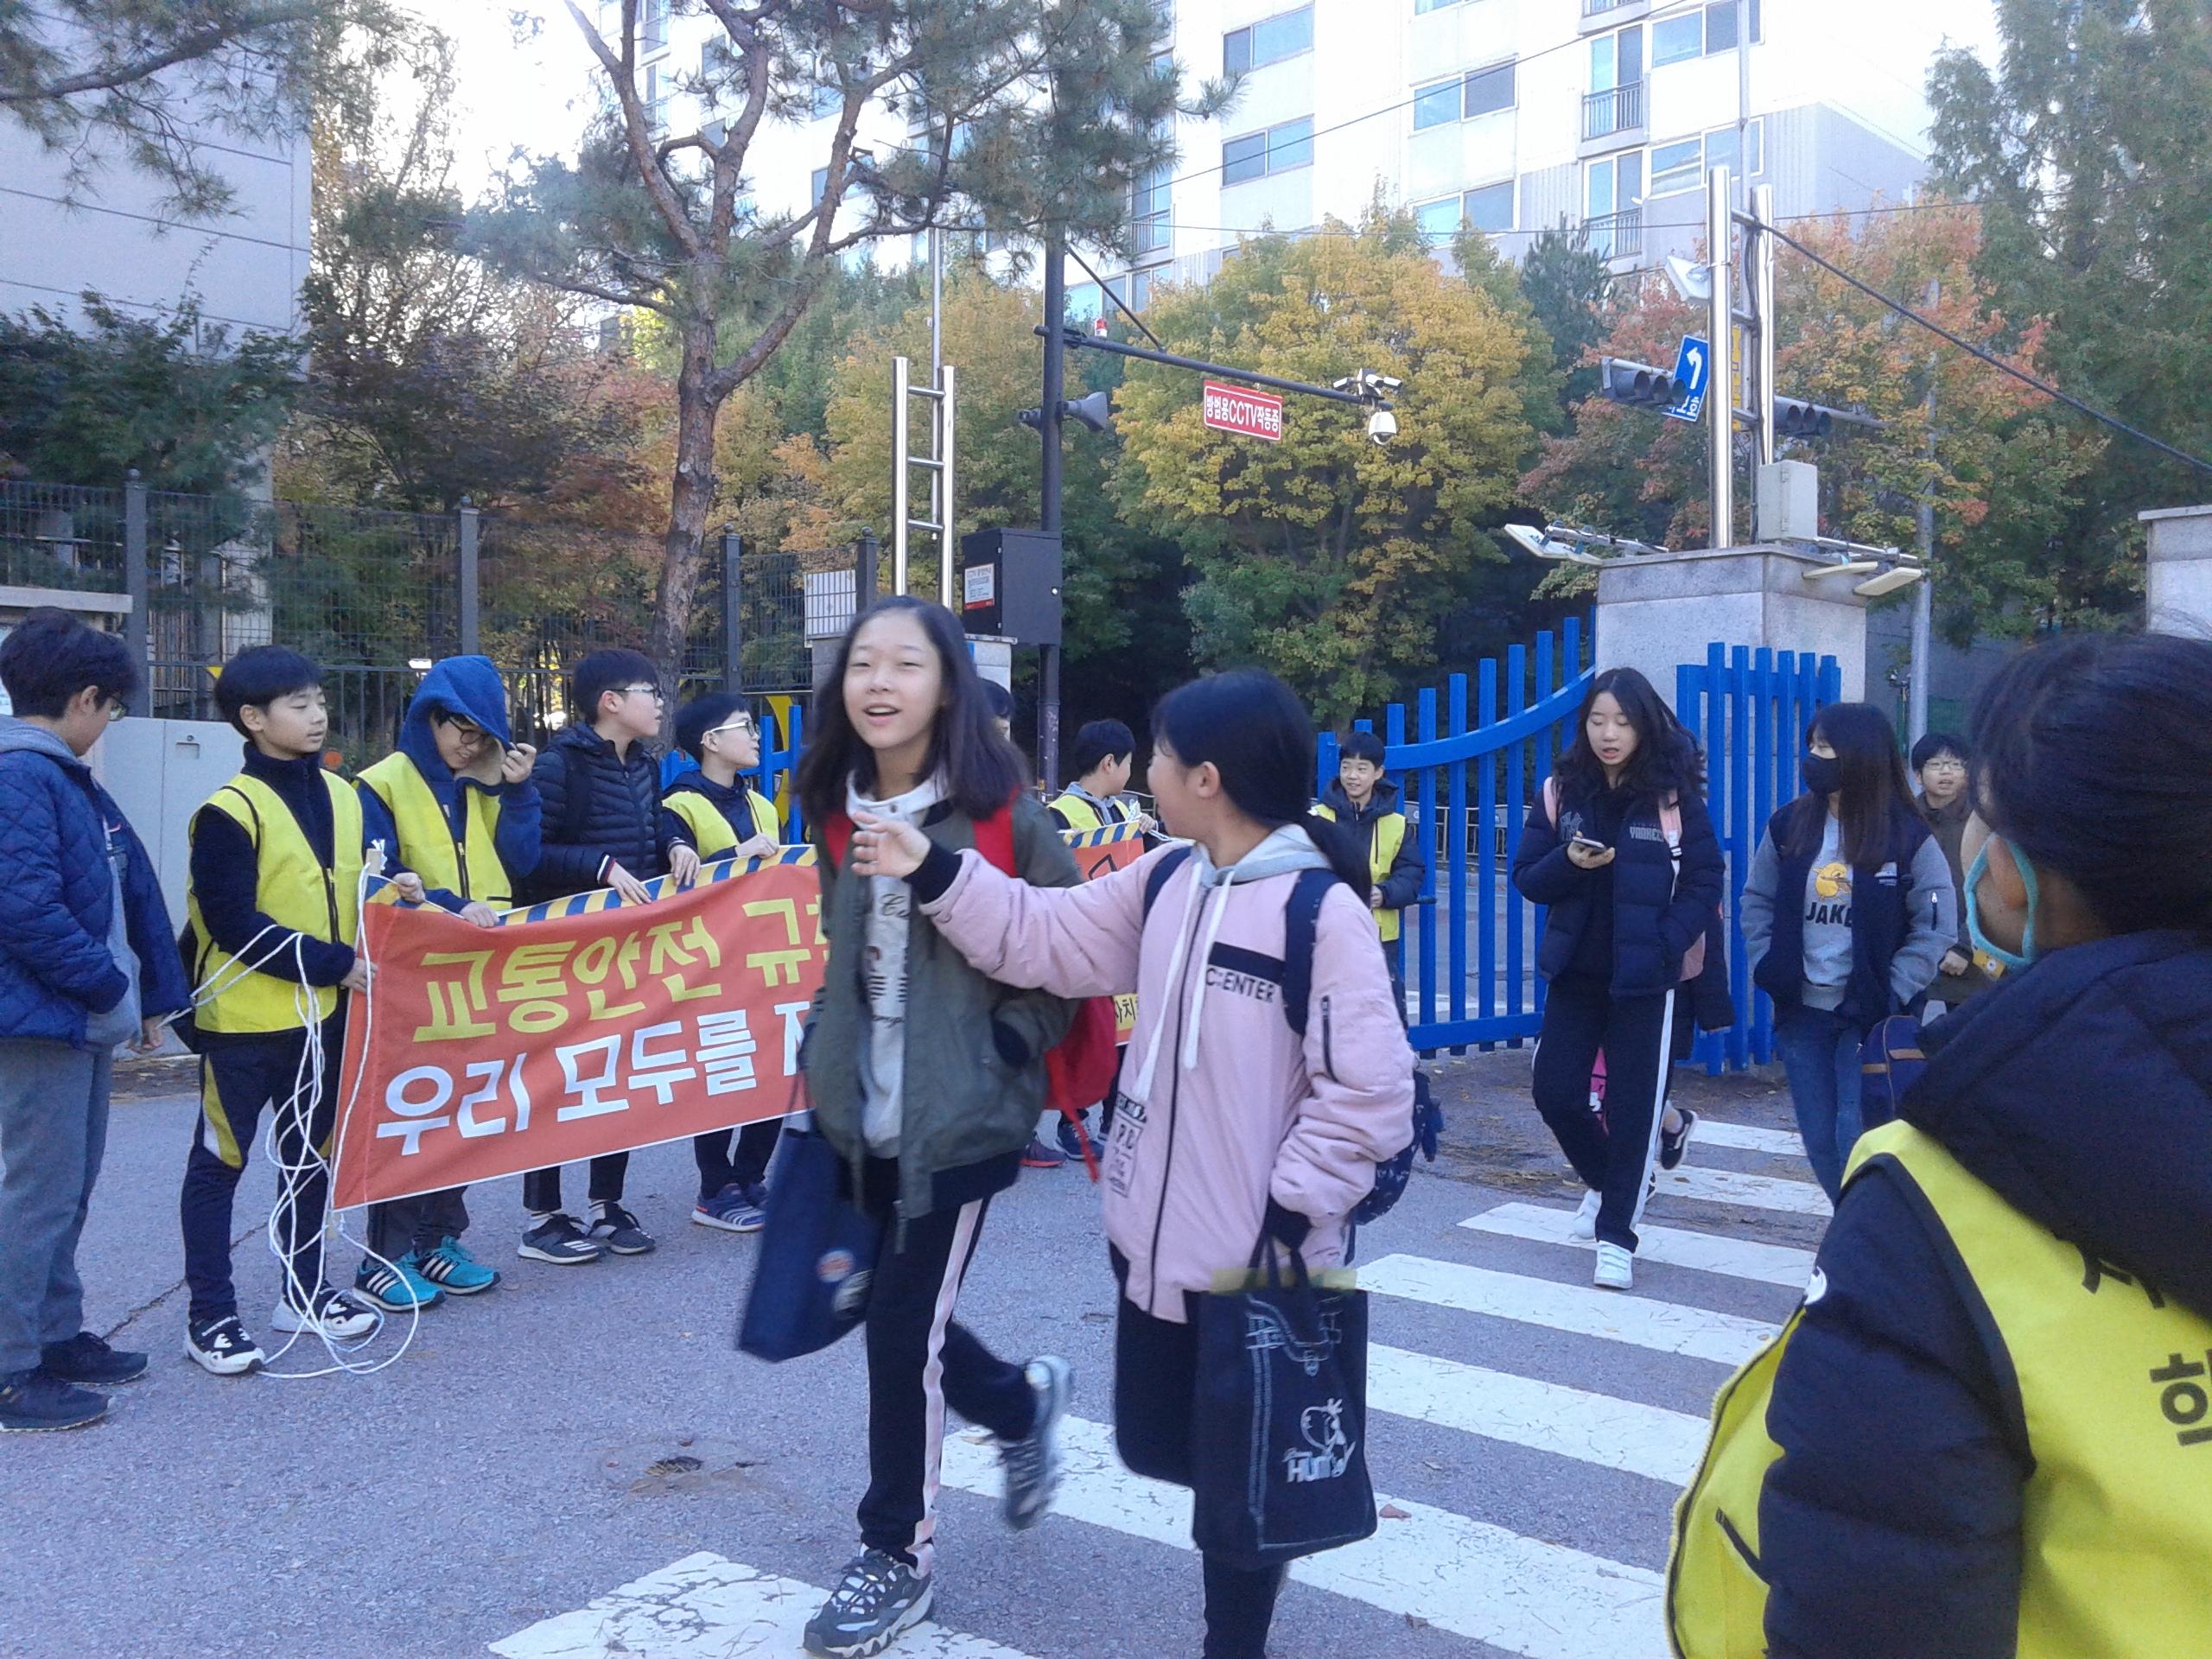 [일반] 전교학생자치회 5학년 2학기 캠페인의 첨부이미지 3